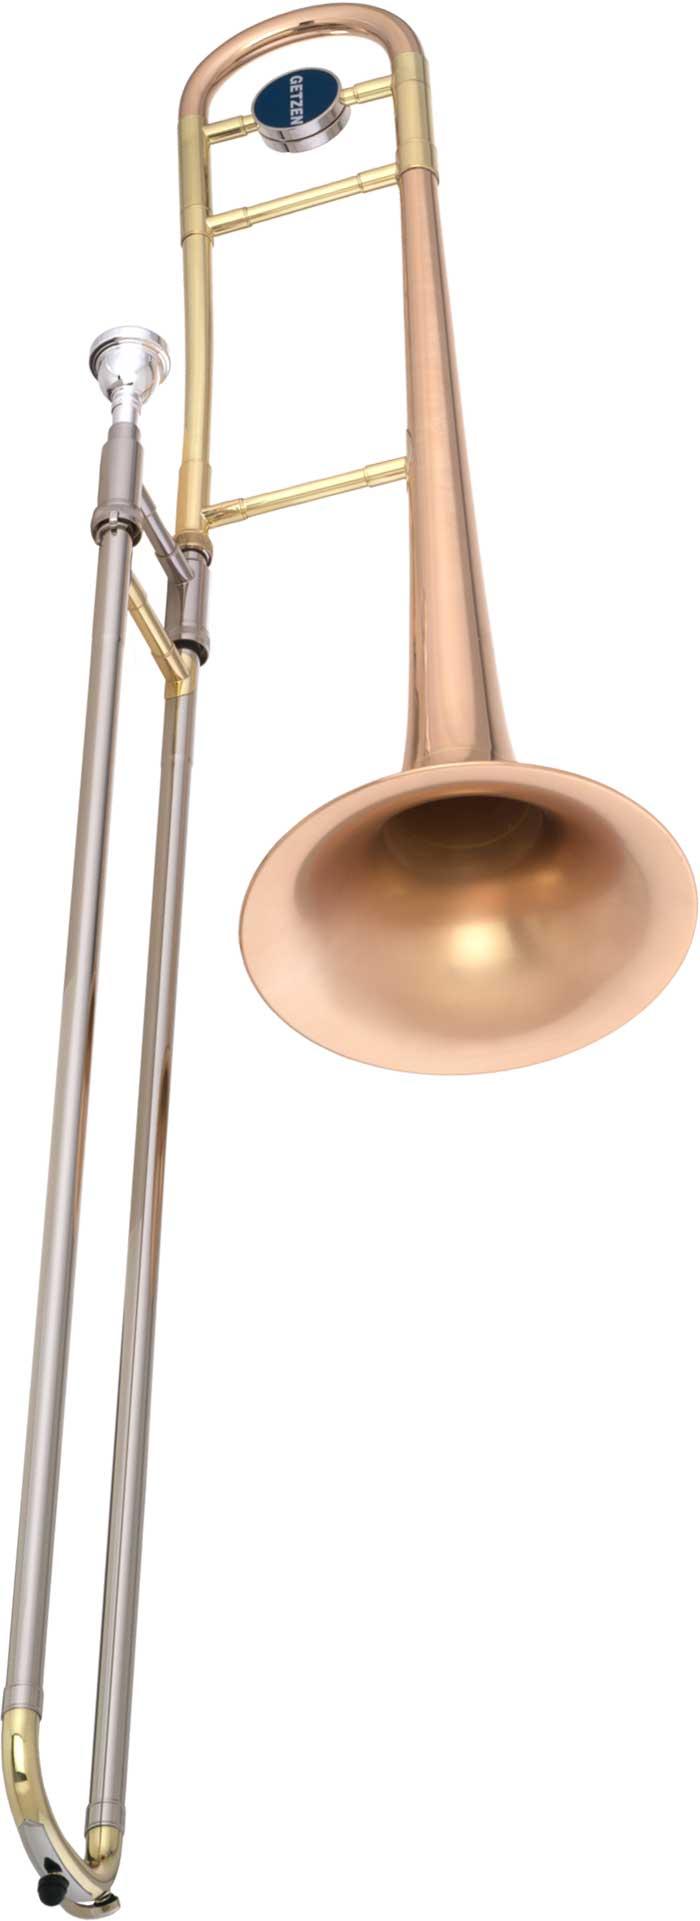 Getzen 451 Tenor Trombone